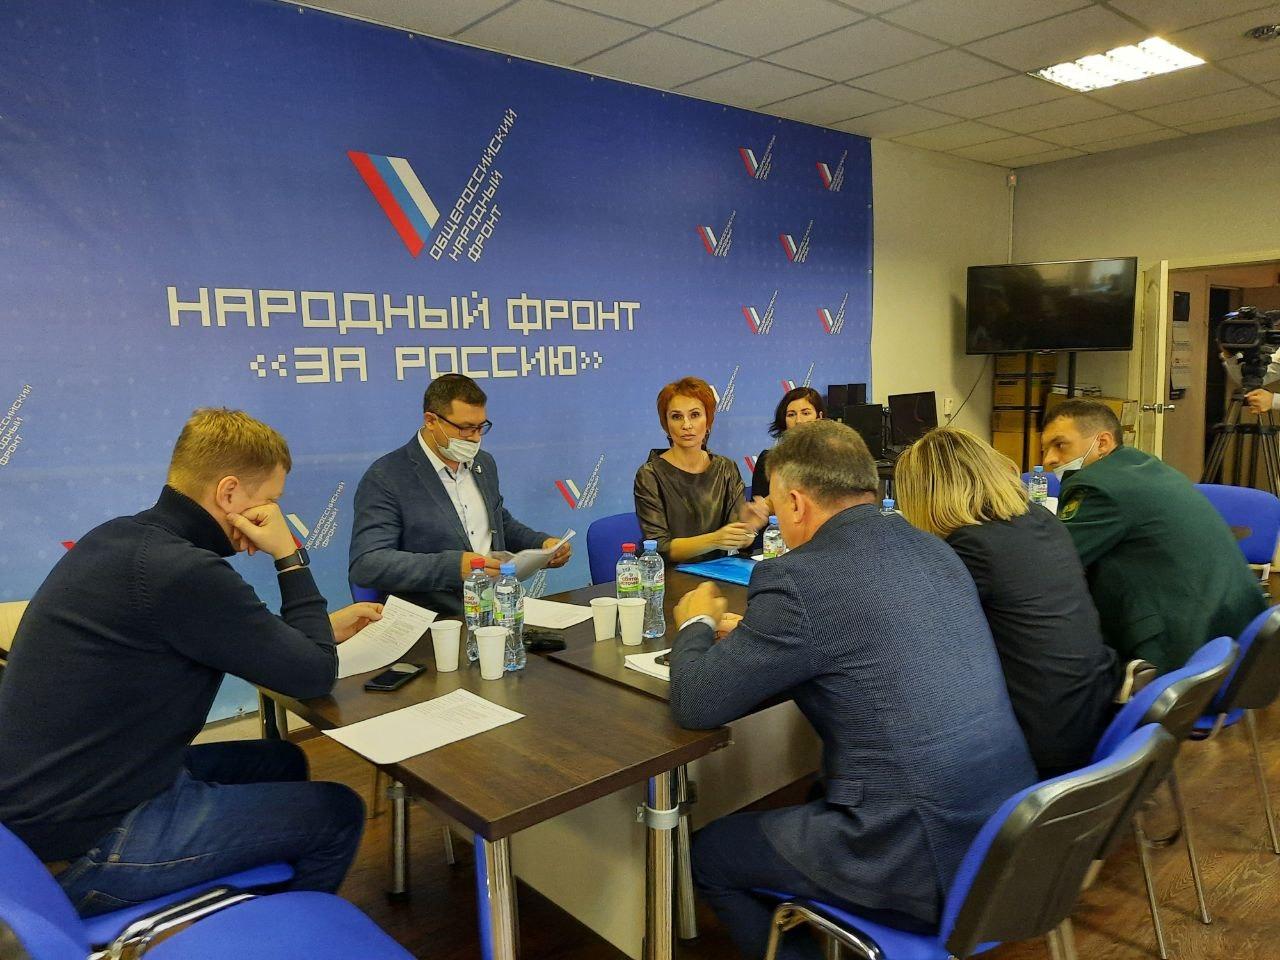 Руководитель реготделения Роман Сергеечев принял участие в совещании по теме загрязнения курганских лесов